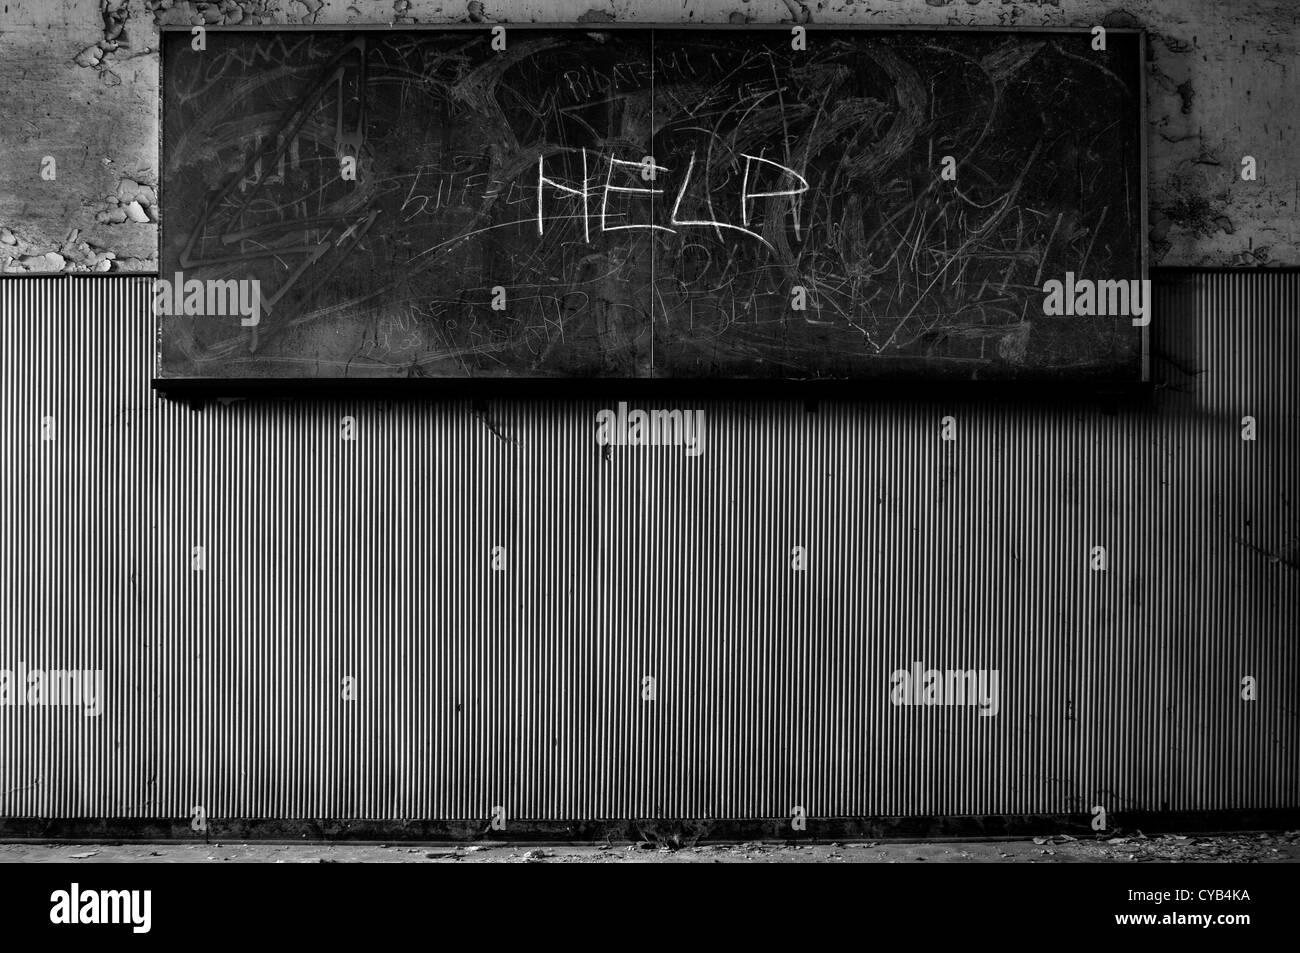 Italia. Ruinas de Blackboard en escuela abandonada Imagen De Stock